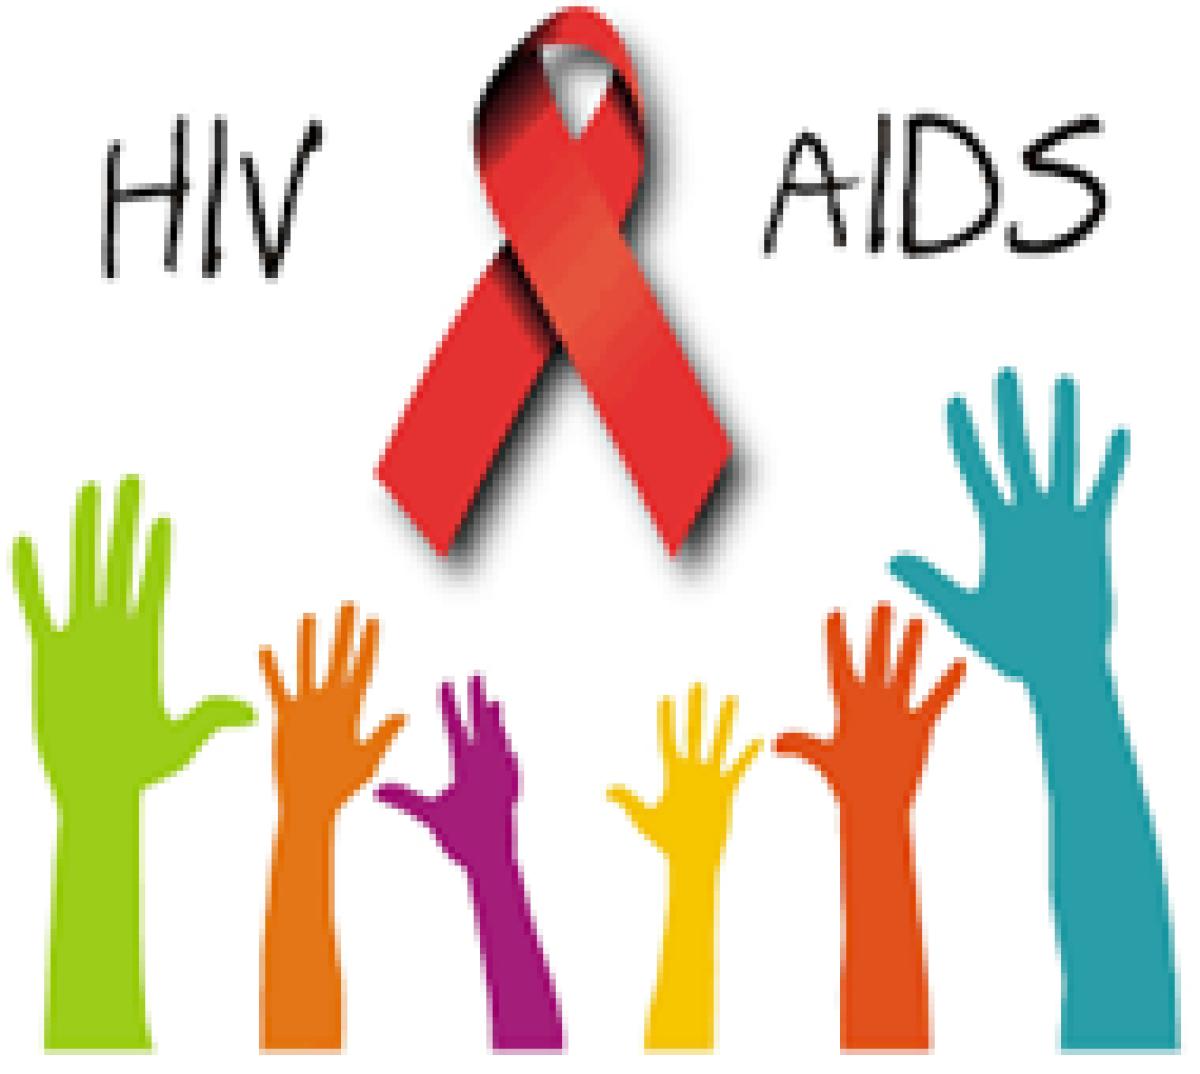 New disposable biochip for quick HIV diagnosis